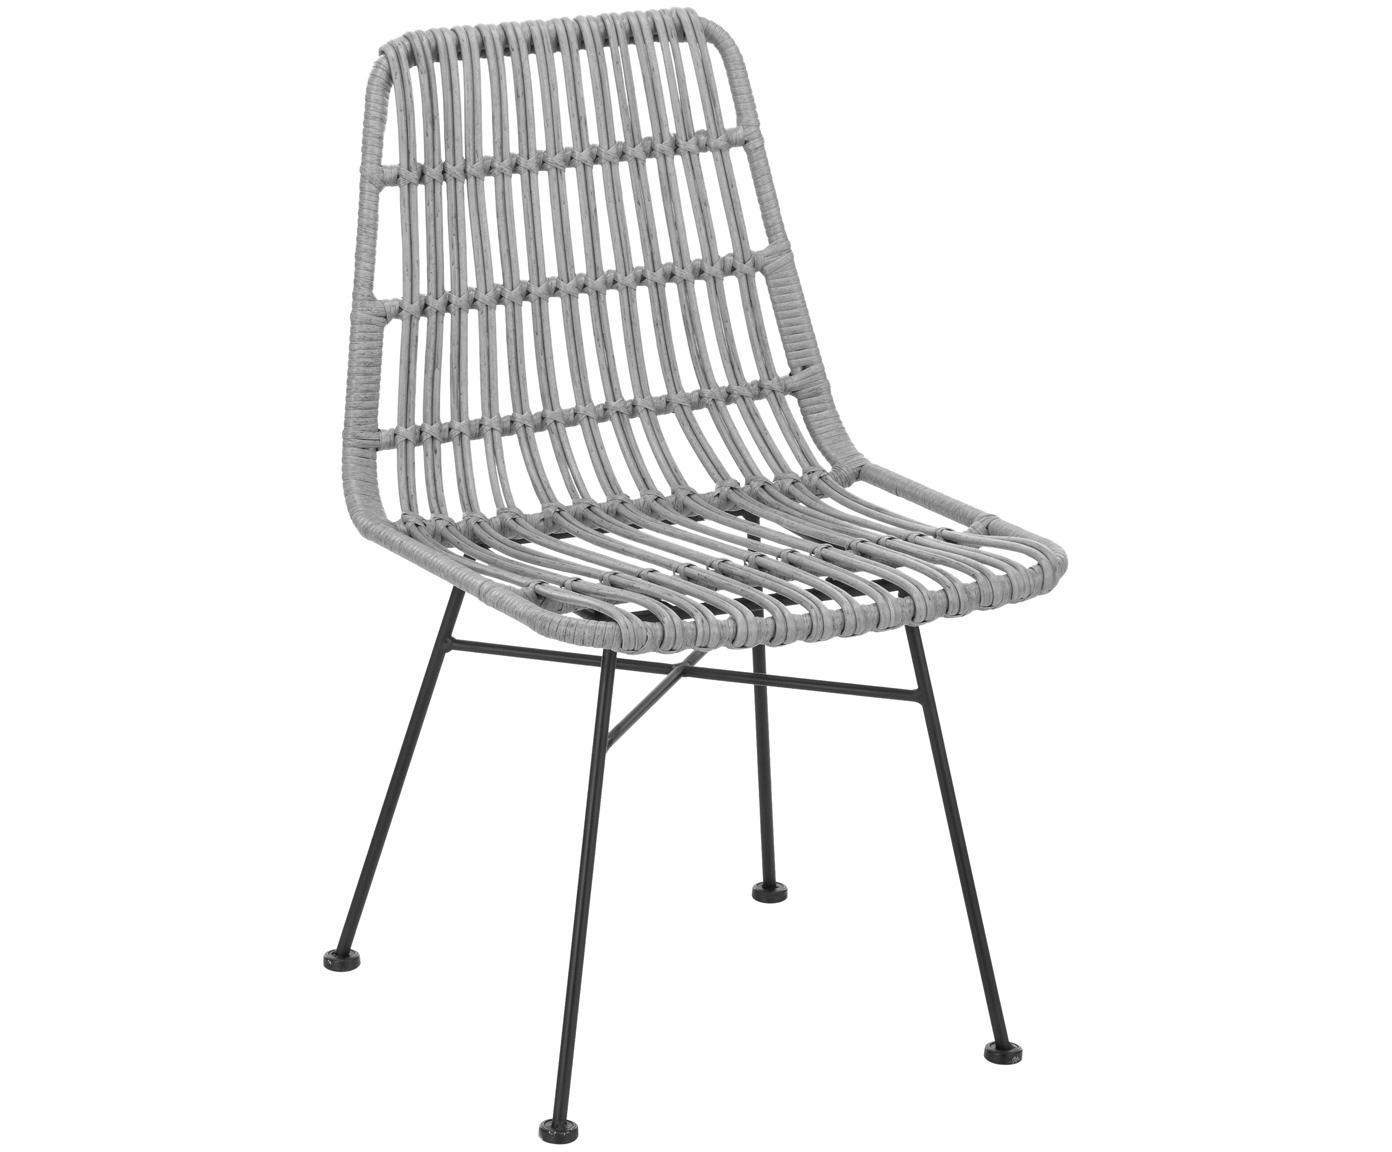 Krzesło z polirattanu Tulum, 2 szt., Stelaż: metal malowany proszkowo, Siedzisko: szary, nakrapiany Stelaż: czarny, matowy, S 47 x G 62 cm